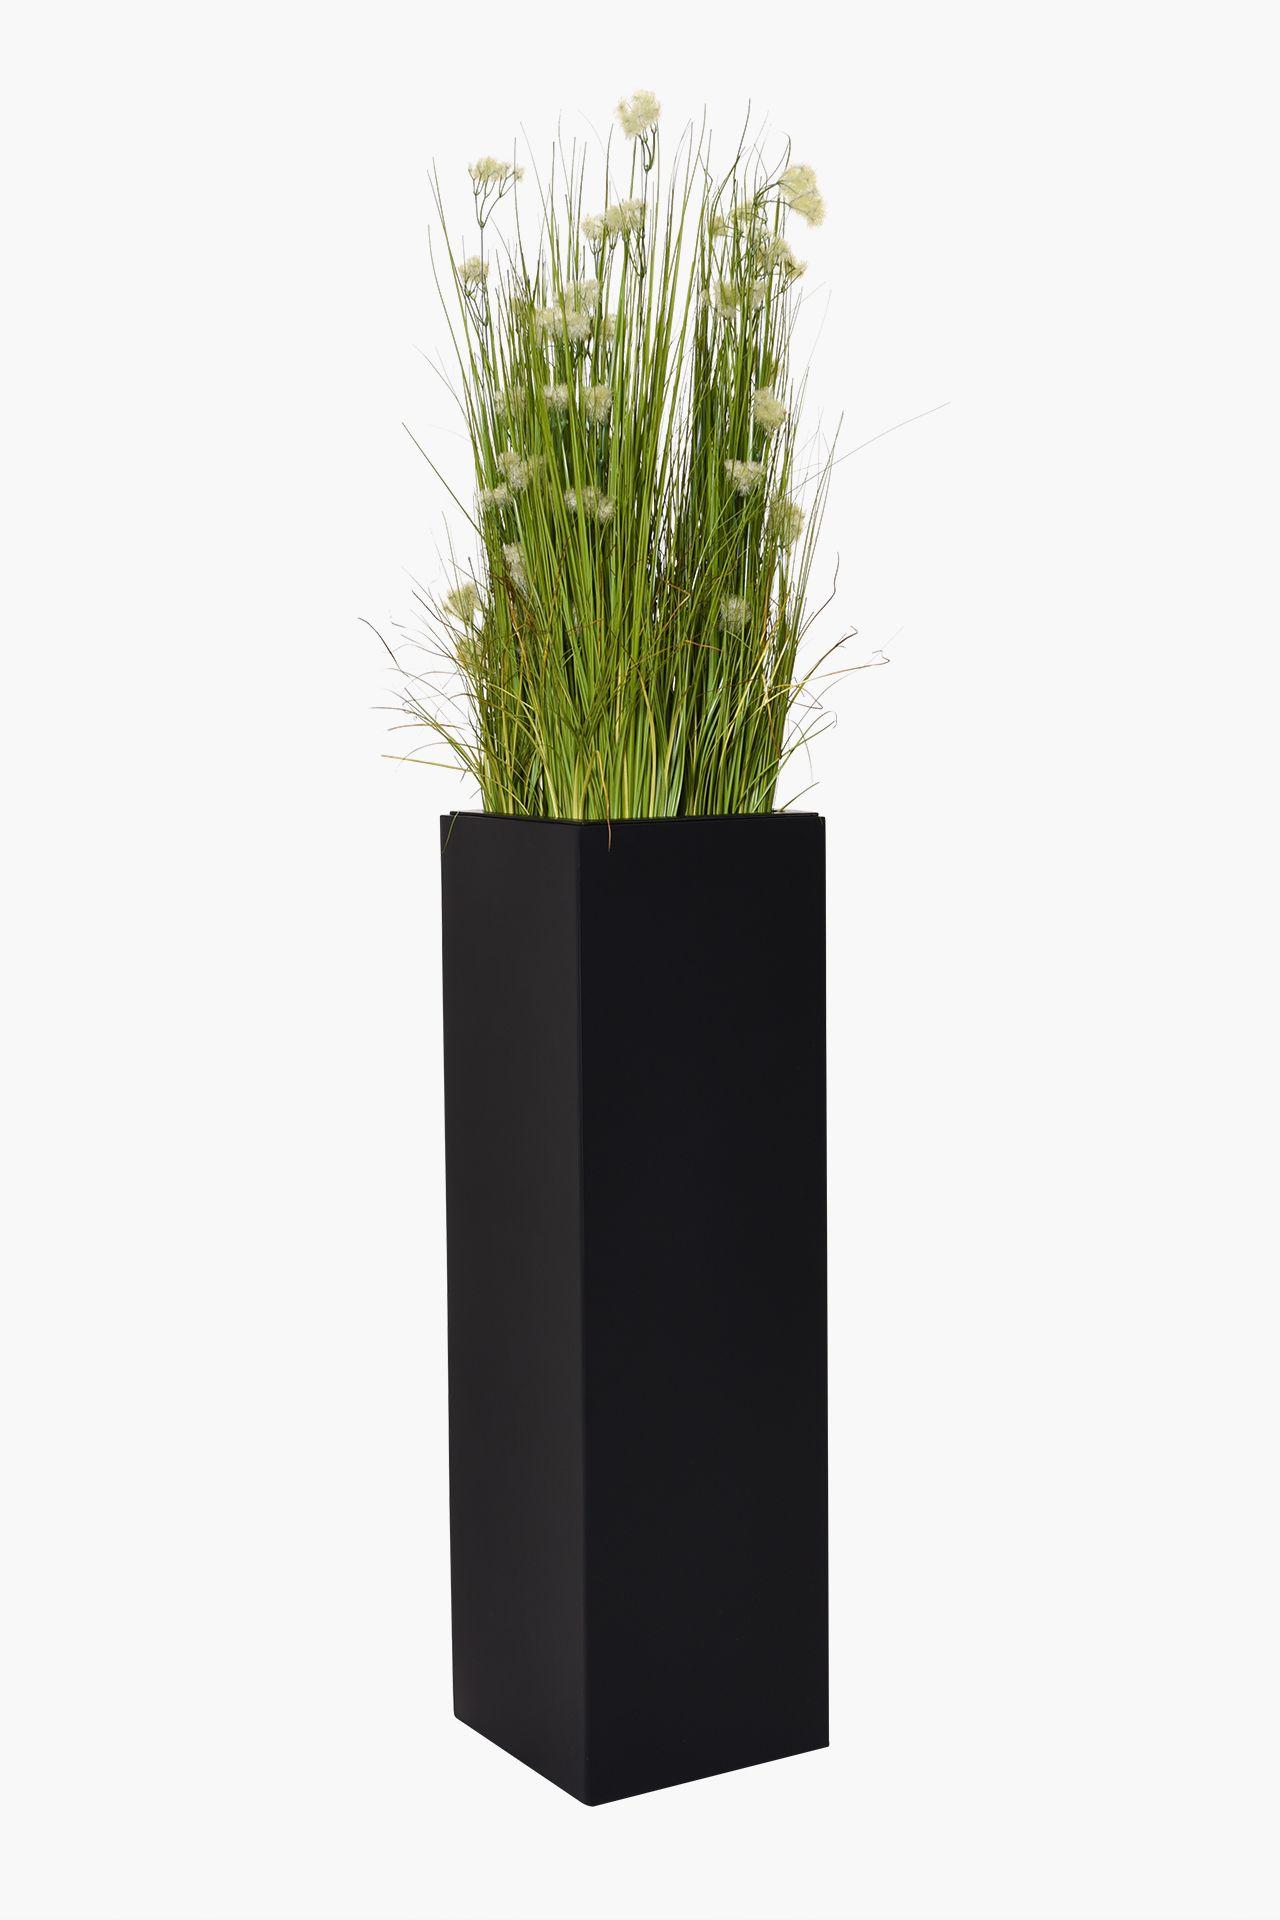 pflanzkbel anthrazit pflanzkbel tan kunststoff rund anthrazit gre whlbar kammlott with. Black Bedroom Furniture Sets. Home Design Ideas